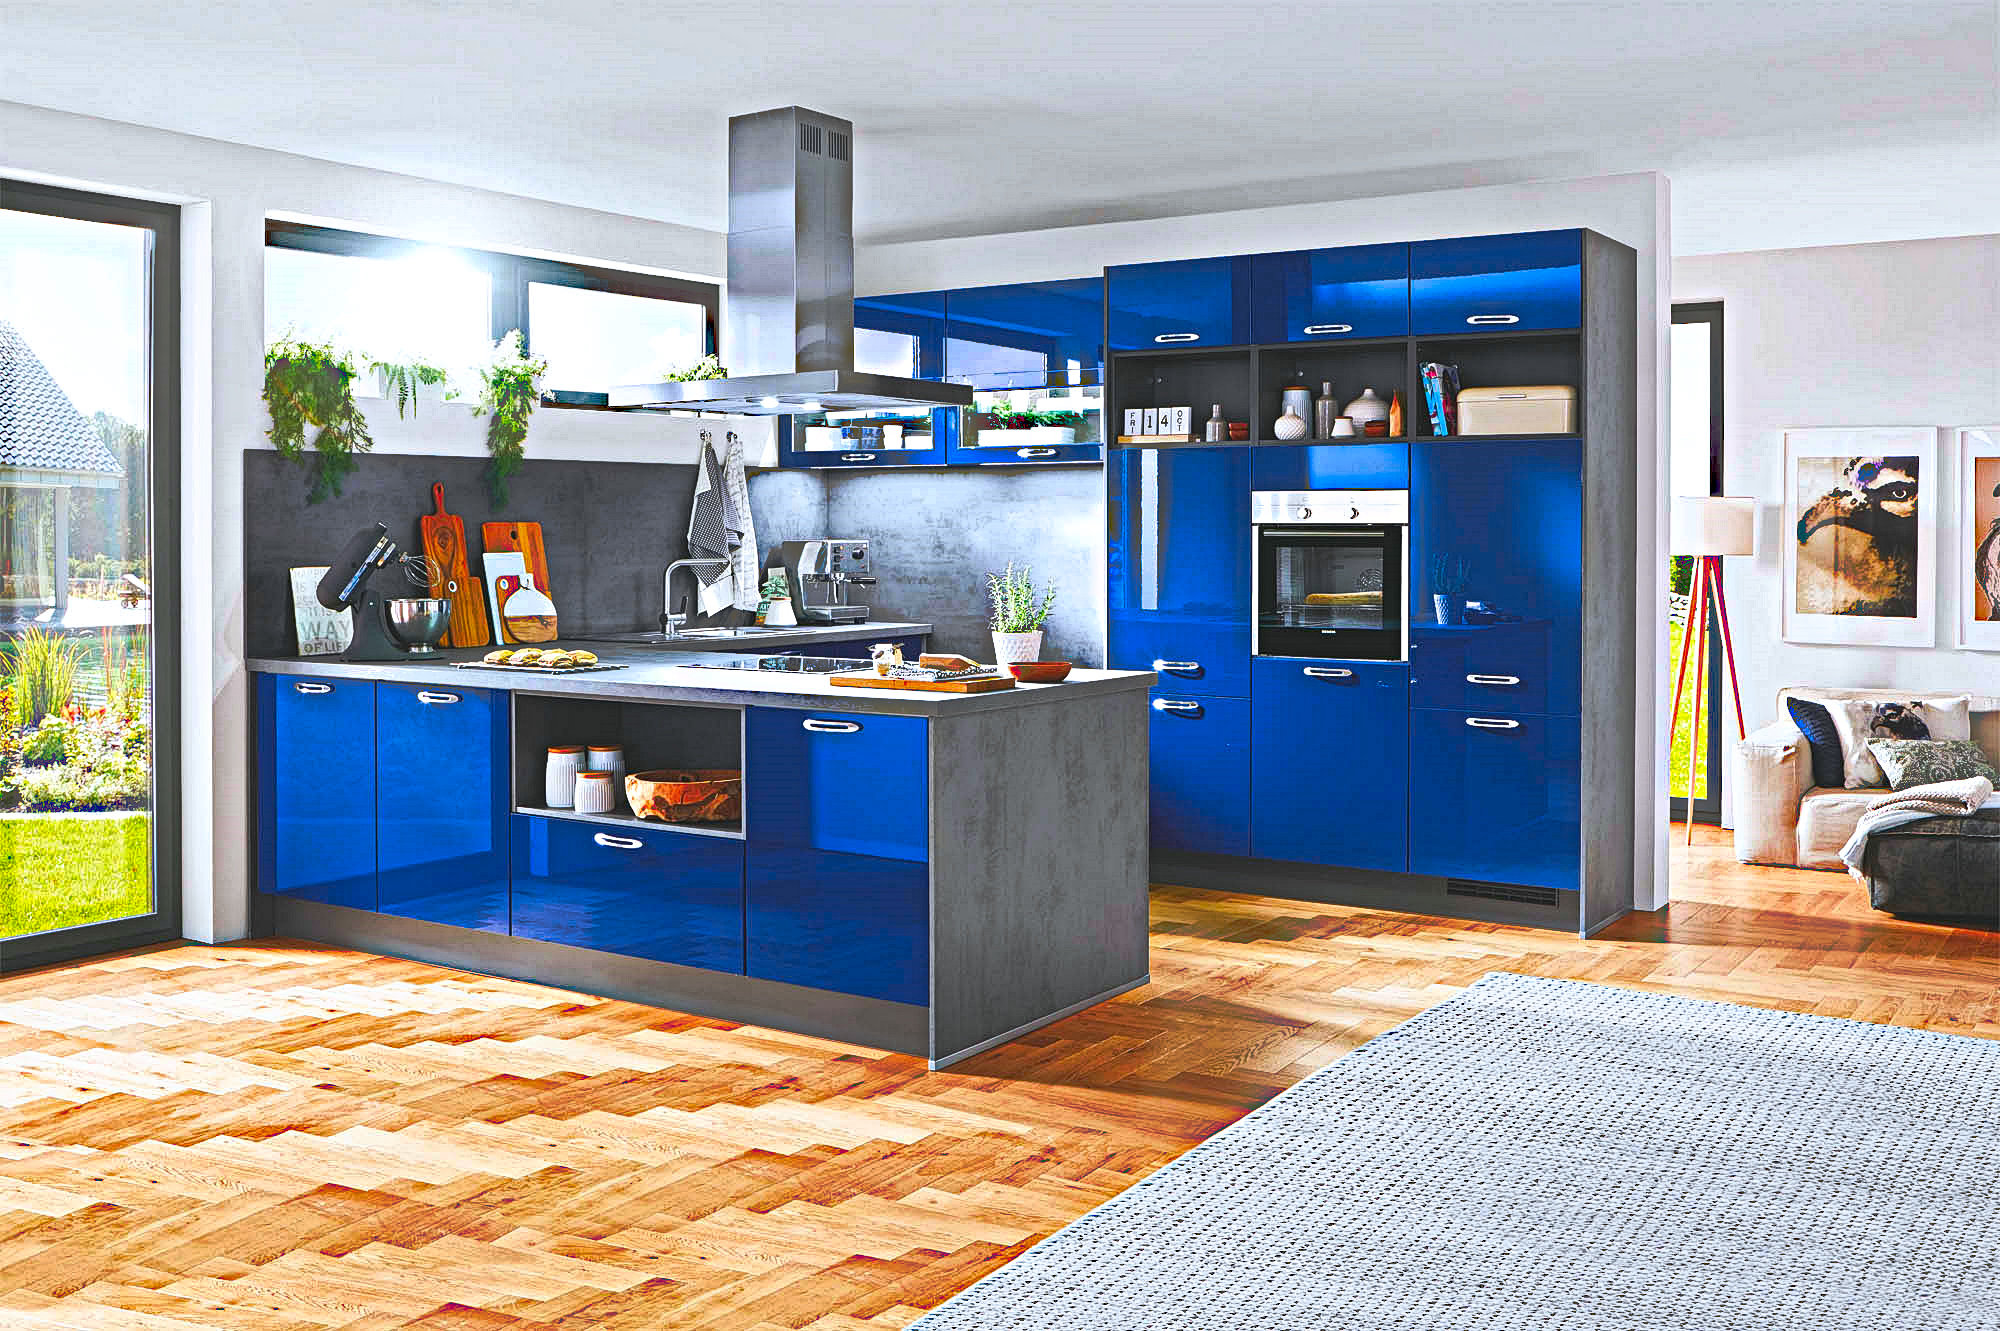 Full Size of Einbauküche Günstig Mit Elektrogeräten Gebrauchte Einbauküche Günstig Kaufen Kleine Einbauküche Günstig Einbauküche Günstig Abzugeben Küche Einbauküche Günstig